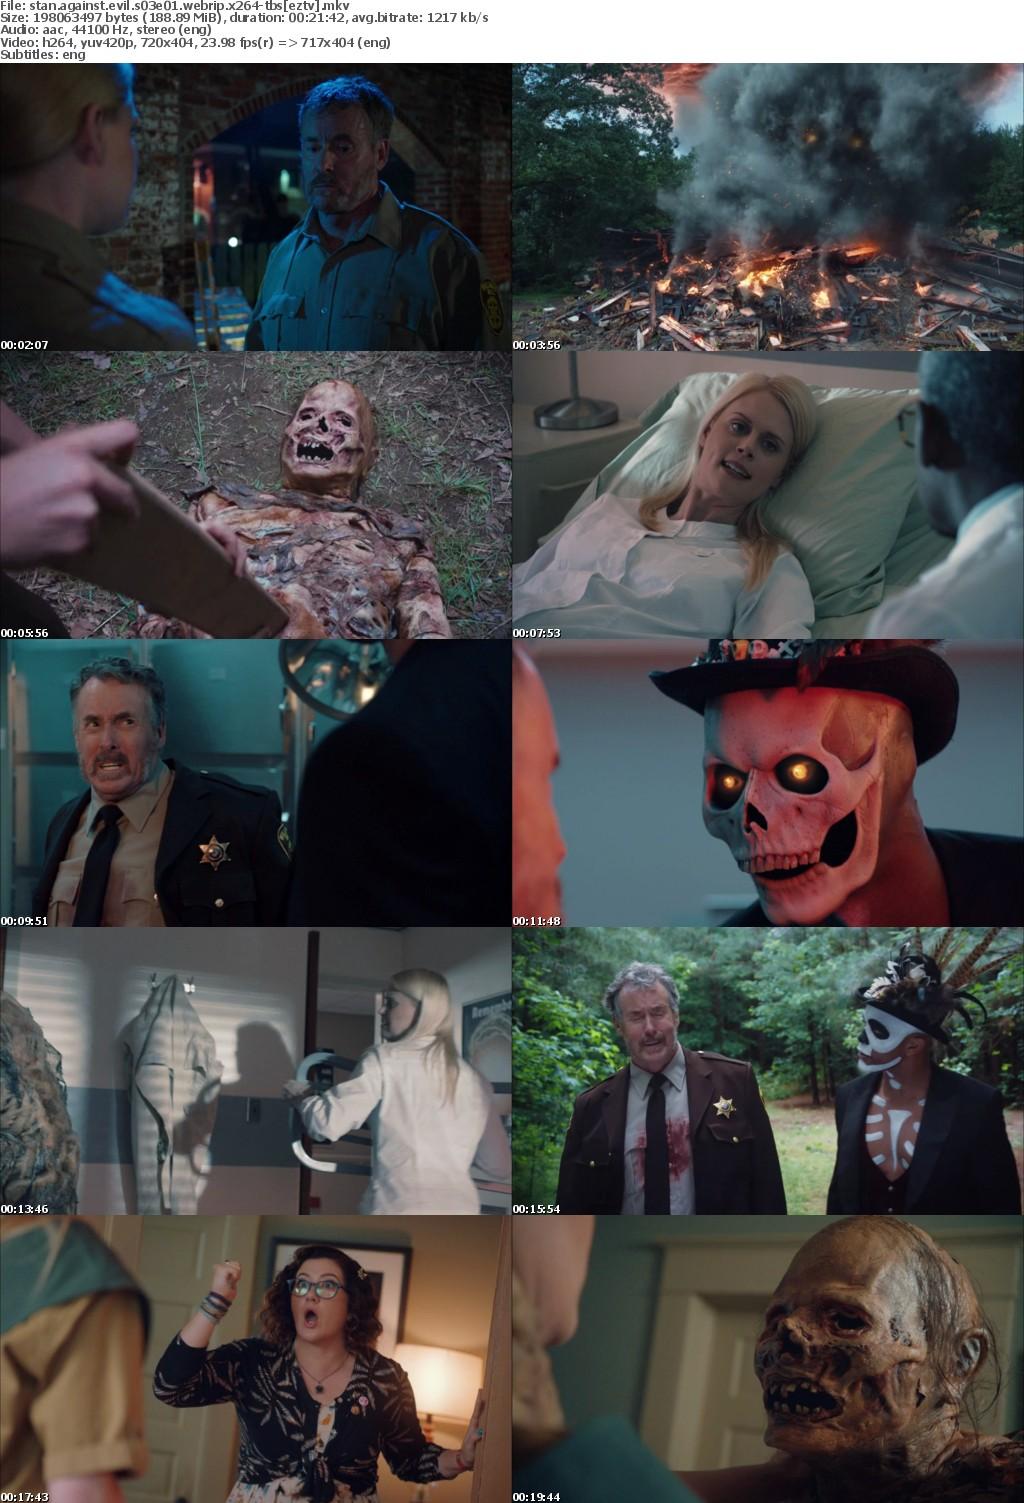 Stan Against Evil S03E01 WEBRip x264-TBS